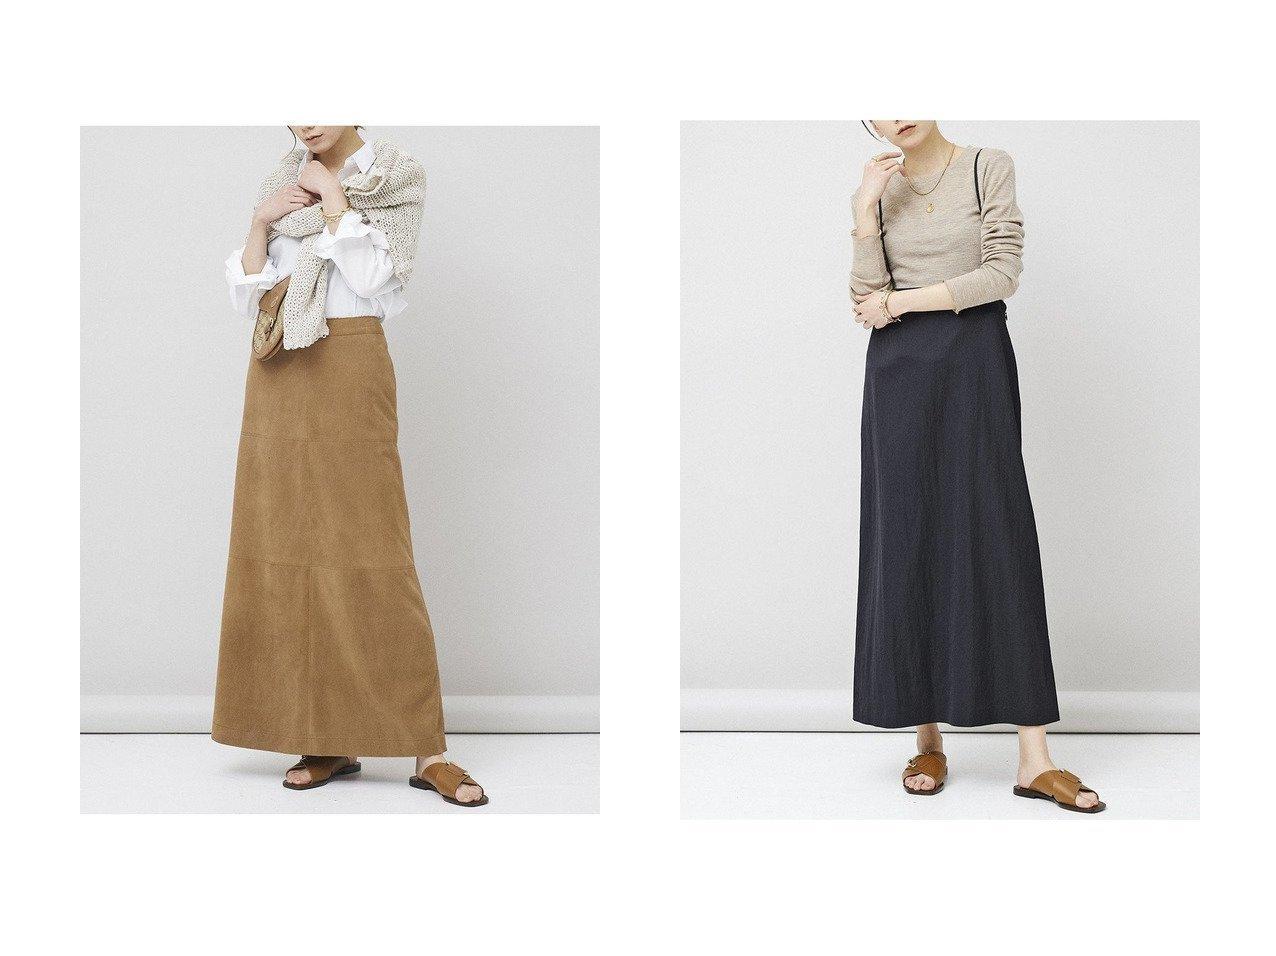 【Curensology/カレンソロジー】のサテンサロペットスカート&スウェードスカート スカートのおすすめ!人気、トレンド・レディースファッションの通販 おすすめで人気の流行・トレンド、ファッションの通販商品 メンズファッション・キッズファッション・インテリア・家具・レディースファッション・服の通販 founy(ファニー) https://founy.com/ ファッション Fashion レディースファッション WOMEN スカート Skirt ロングスカート Long Skirt 2021年 2021 2021 春夏 S/S SS Spring/Summer 2021 S/S 春夏 SS Spring/Summer なめらか リアル ロング 春 Spring |ID:crp329100000015297